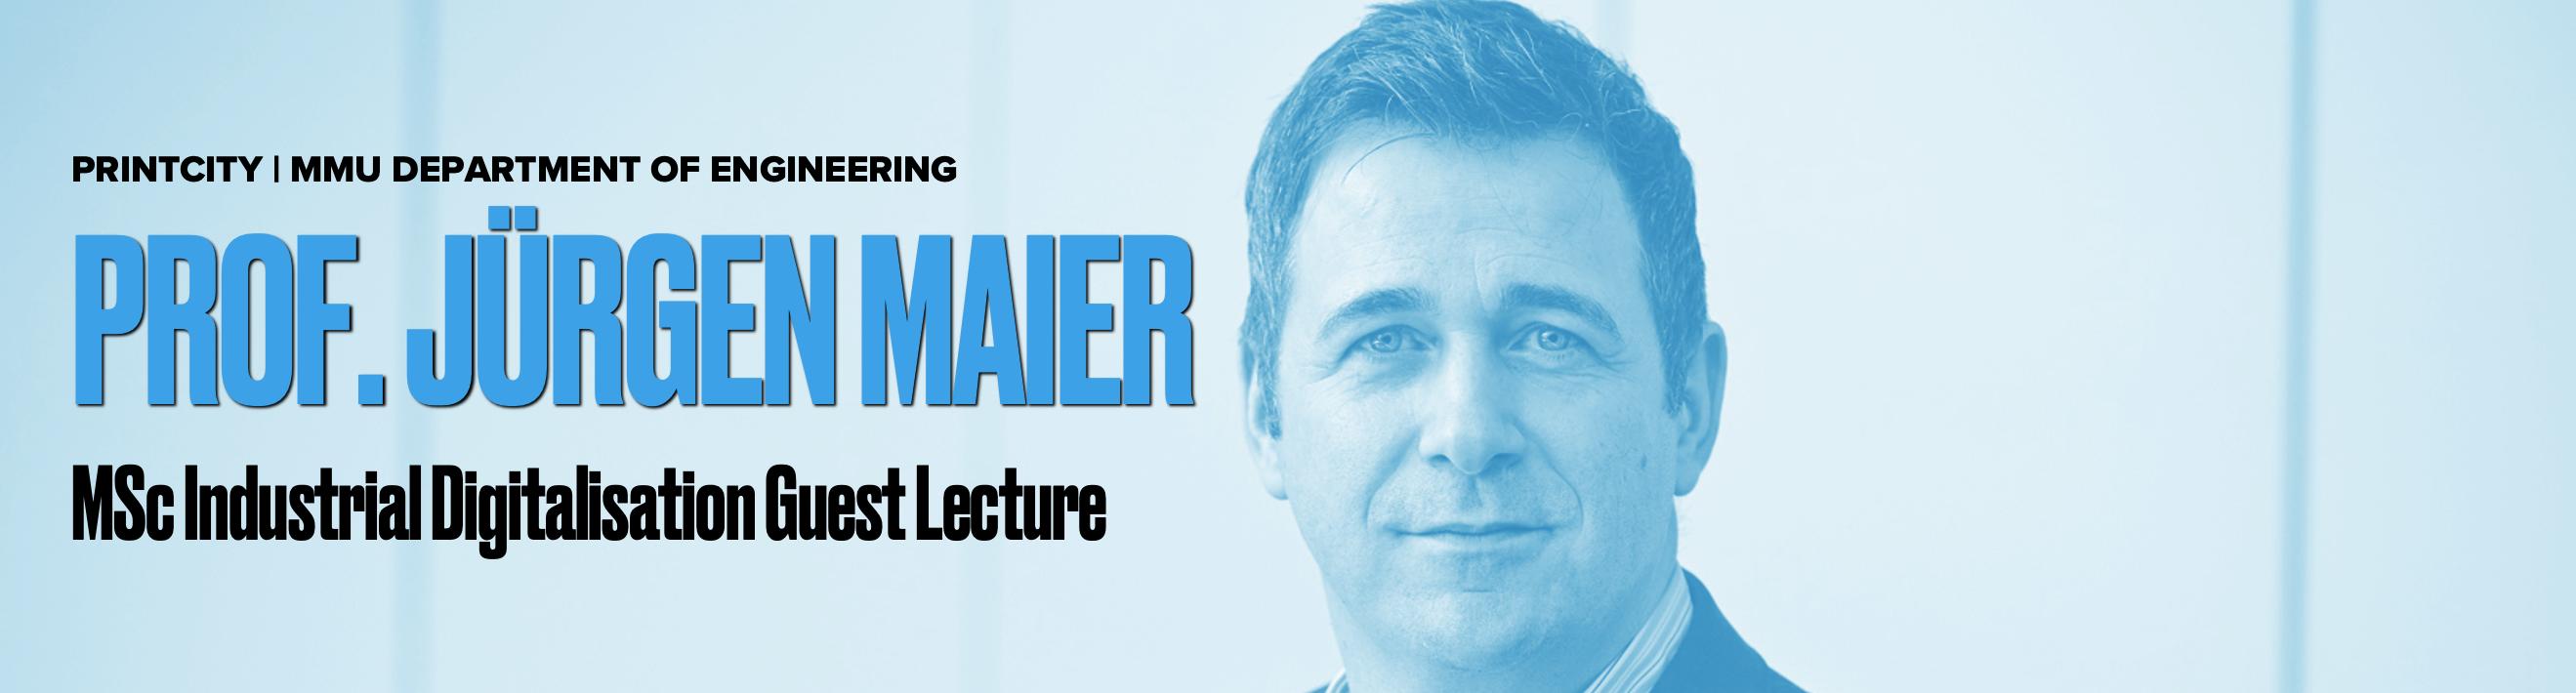 MSc Guest Lecture: Prof Jürgen Maier - The PrintCity Blog - Manchester Metropolitan University